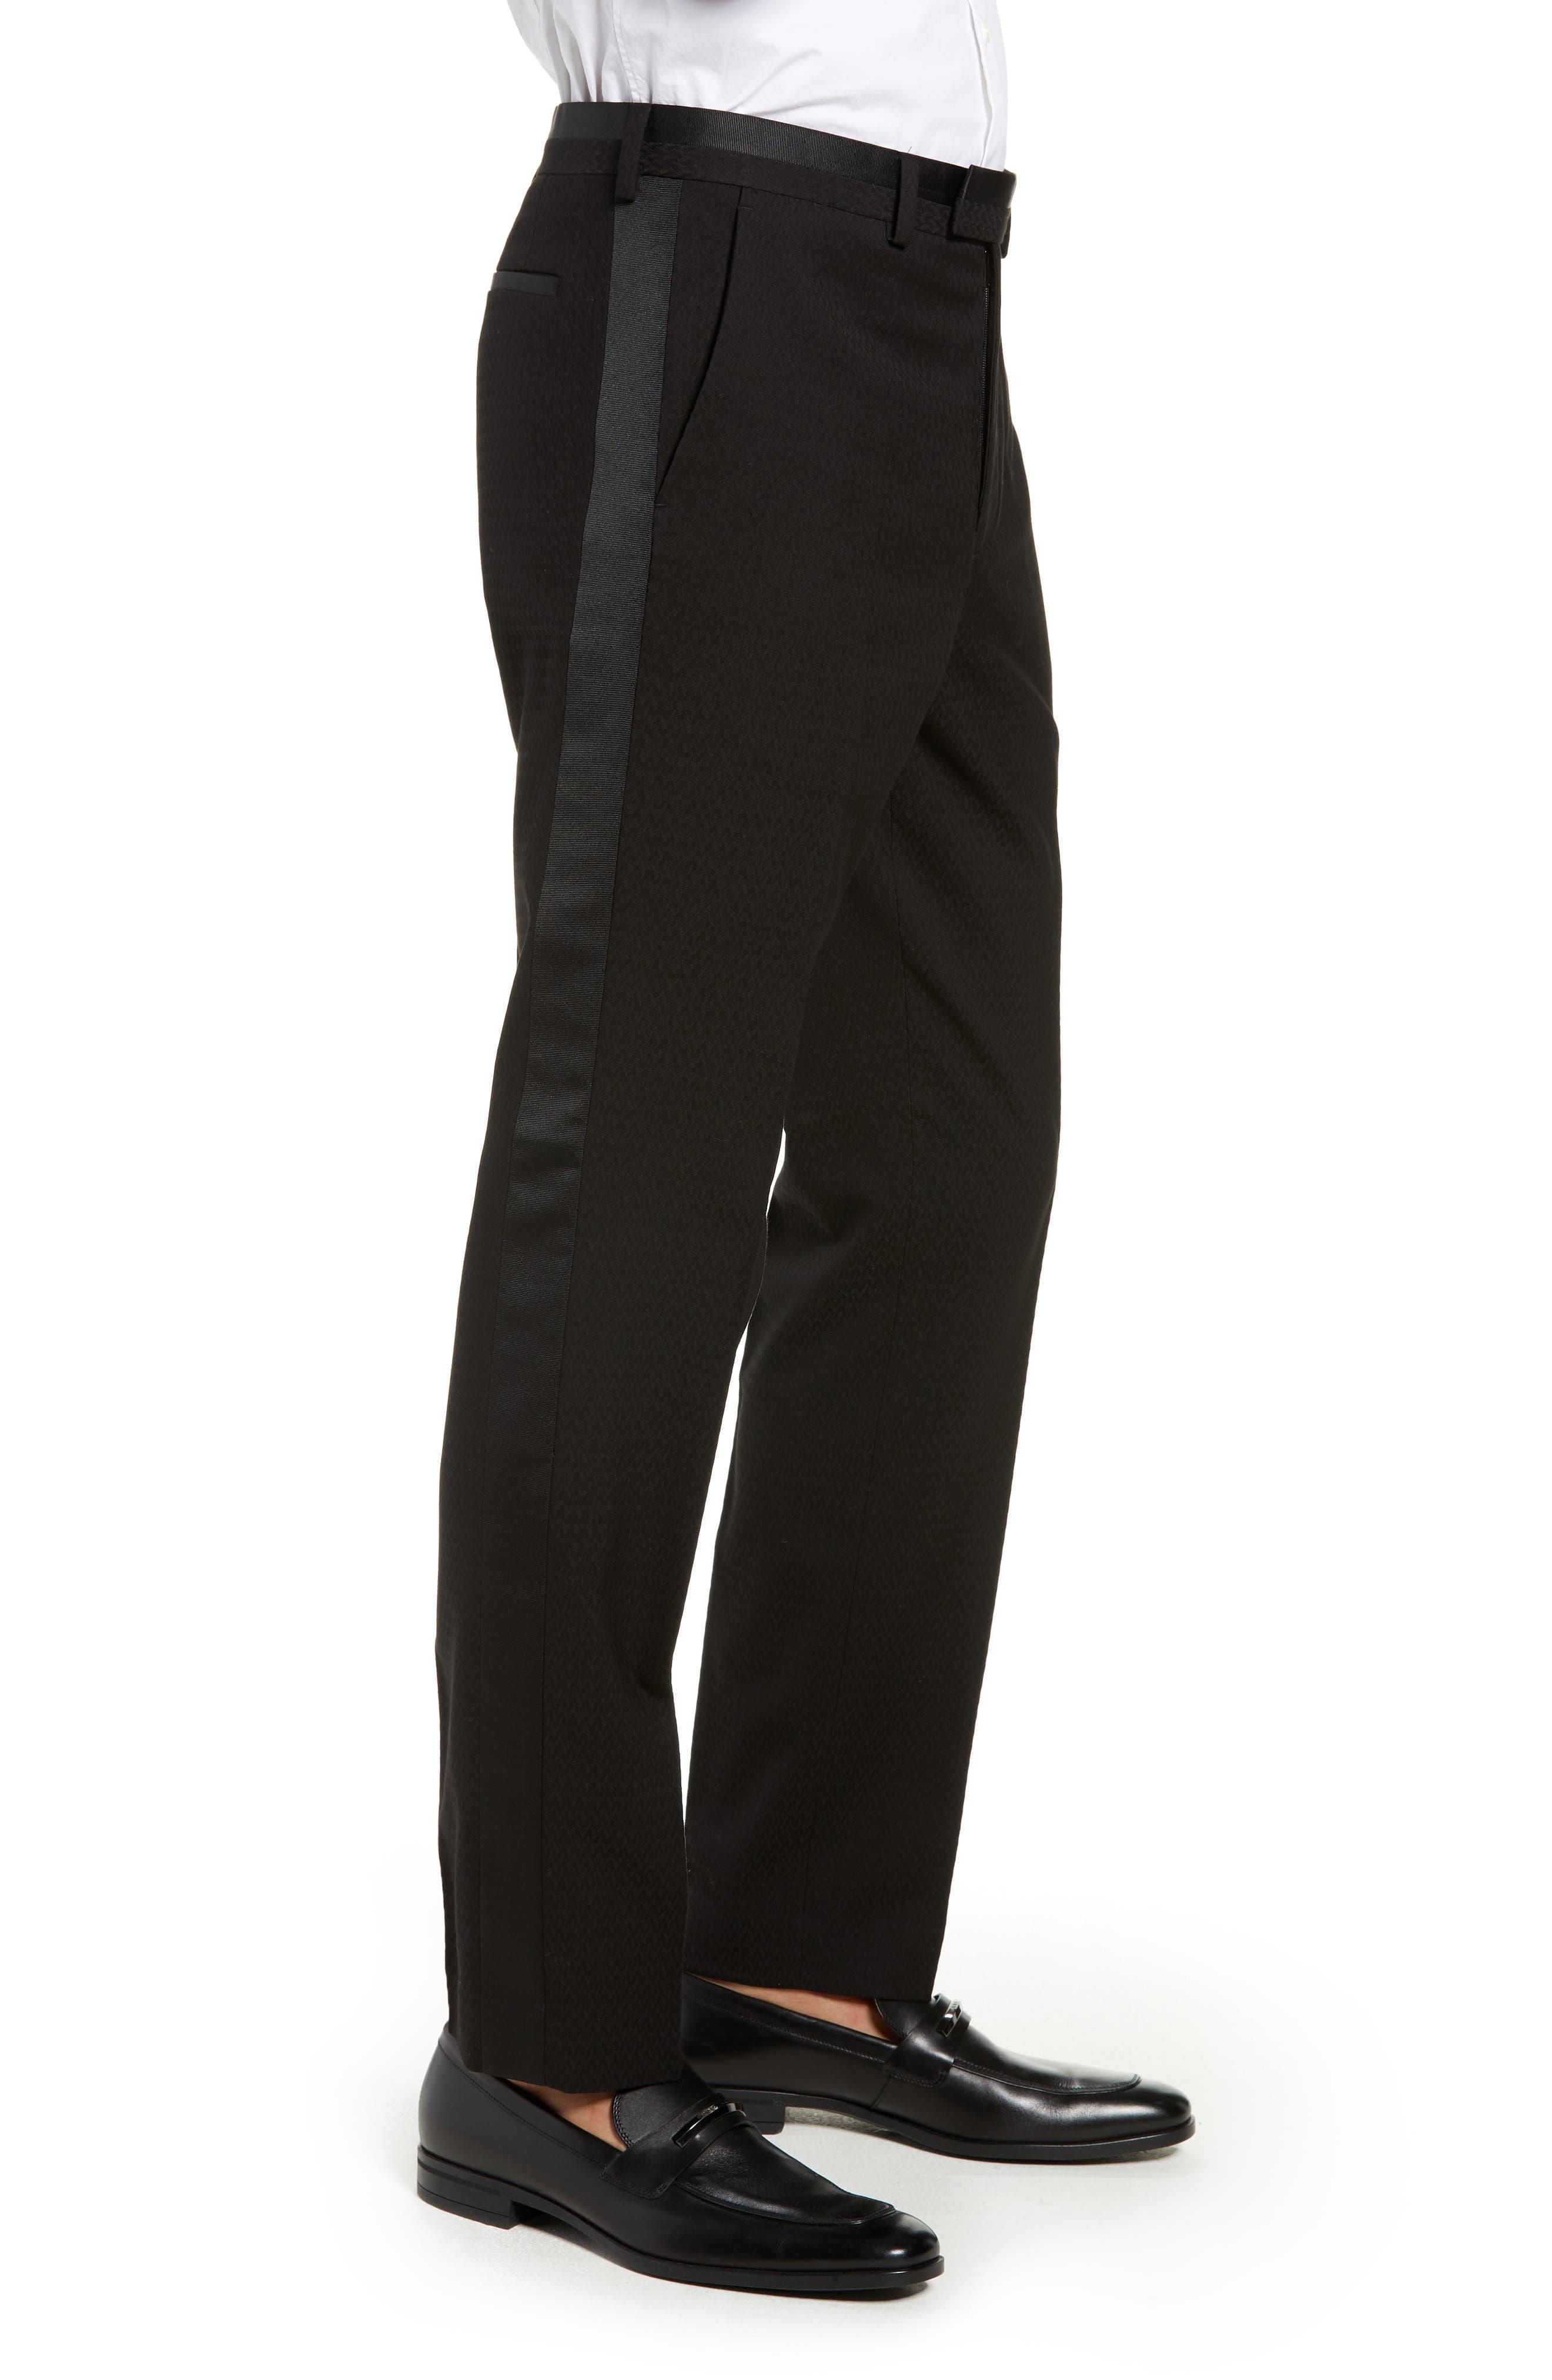 Kingley Slim Fit Tuxedo Pants,                             Alternate thumbnail 3, color,                             BLACK